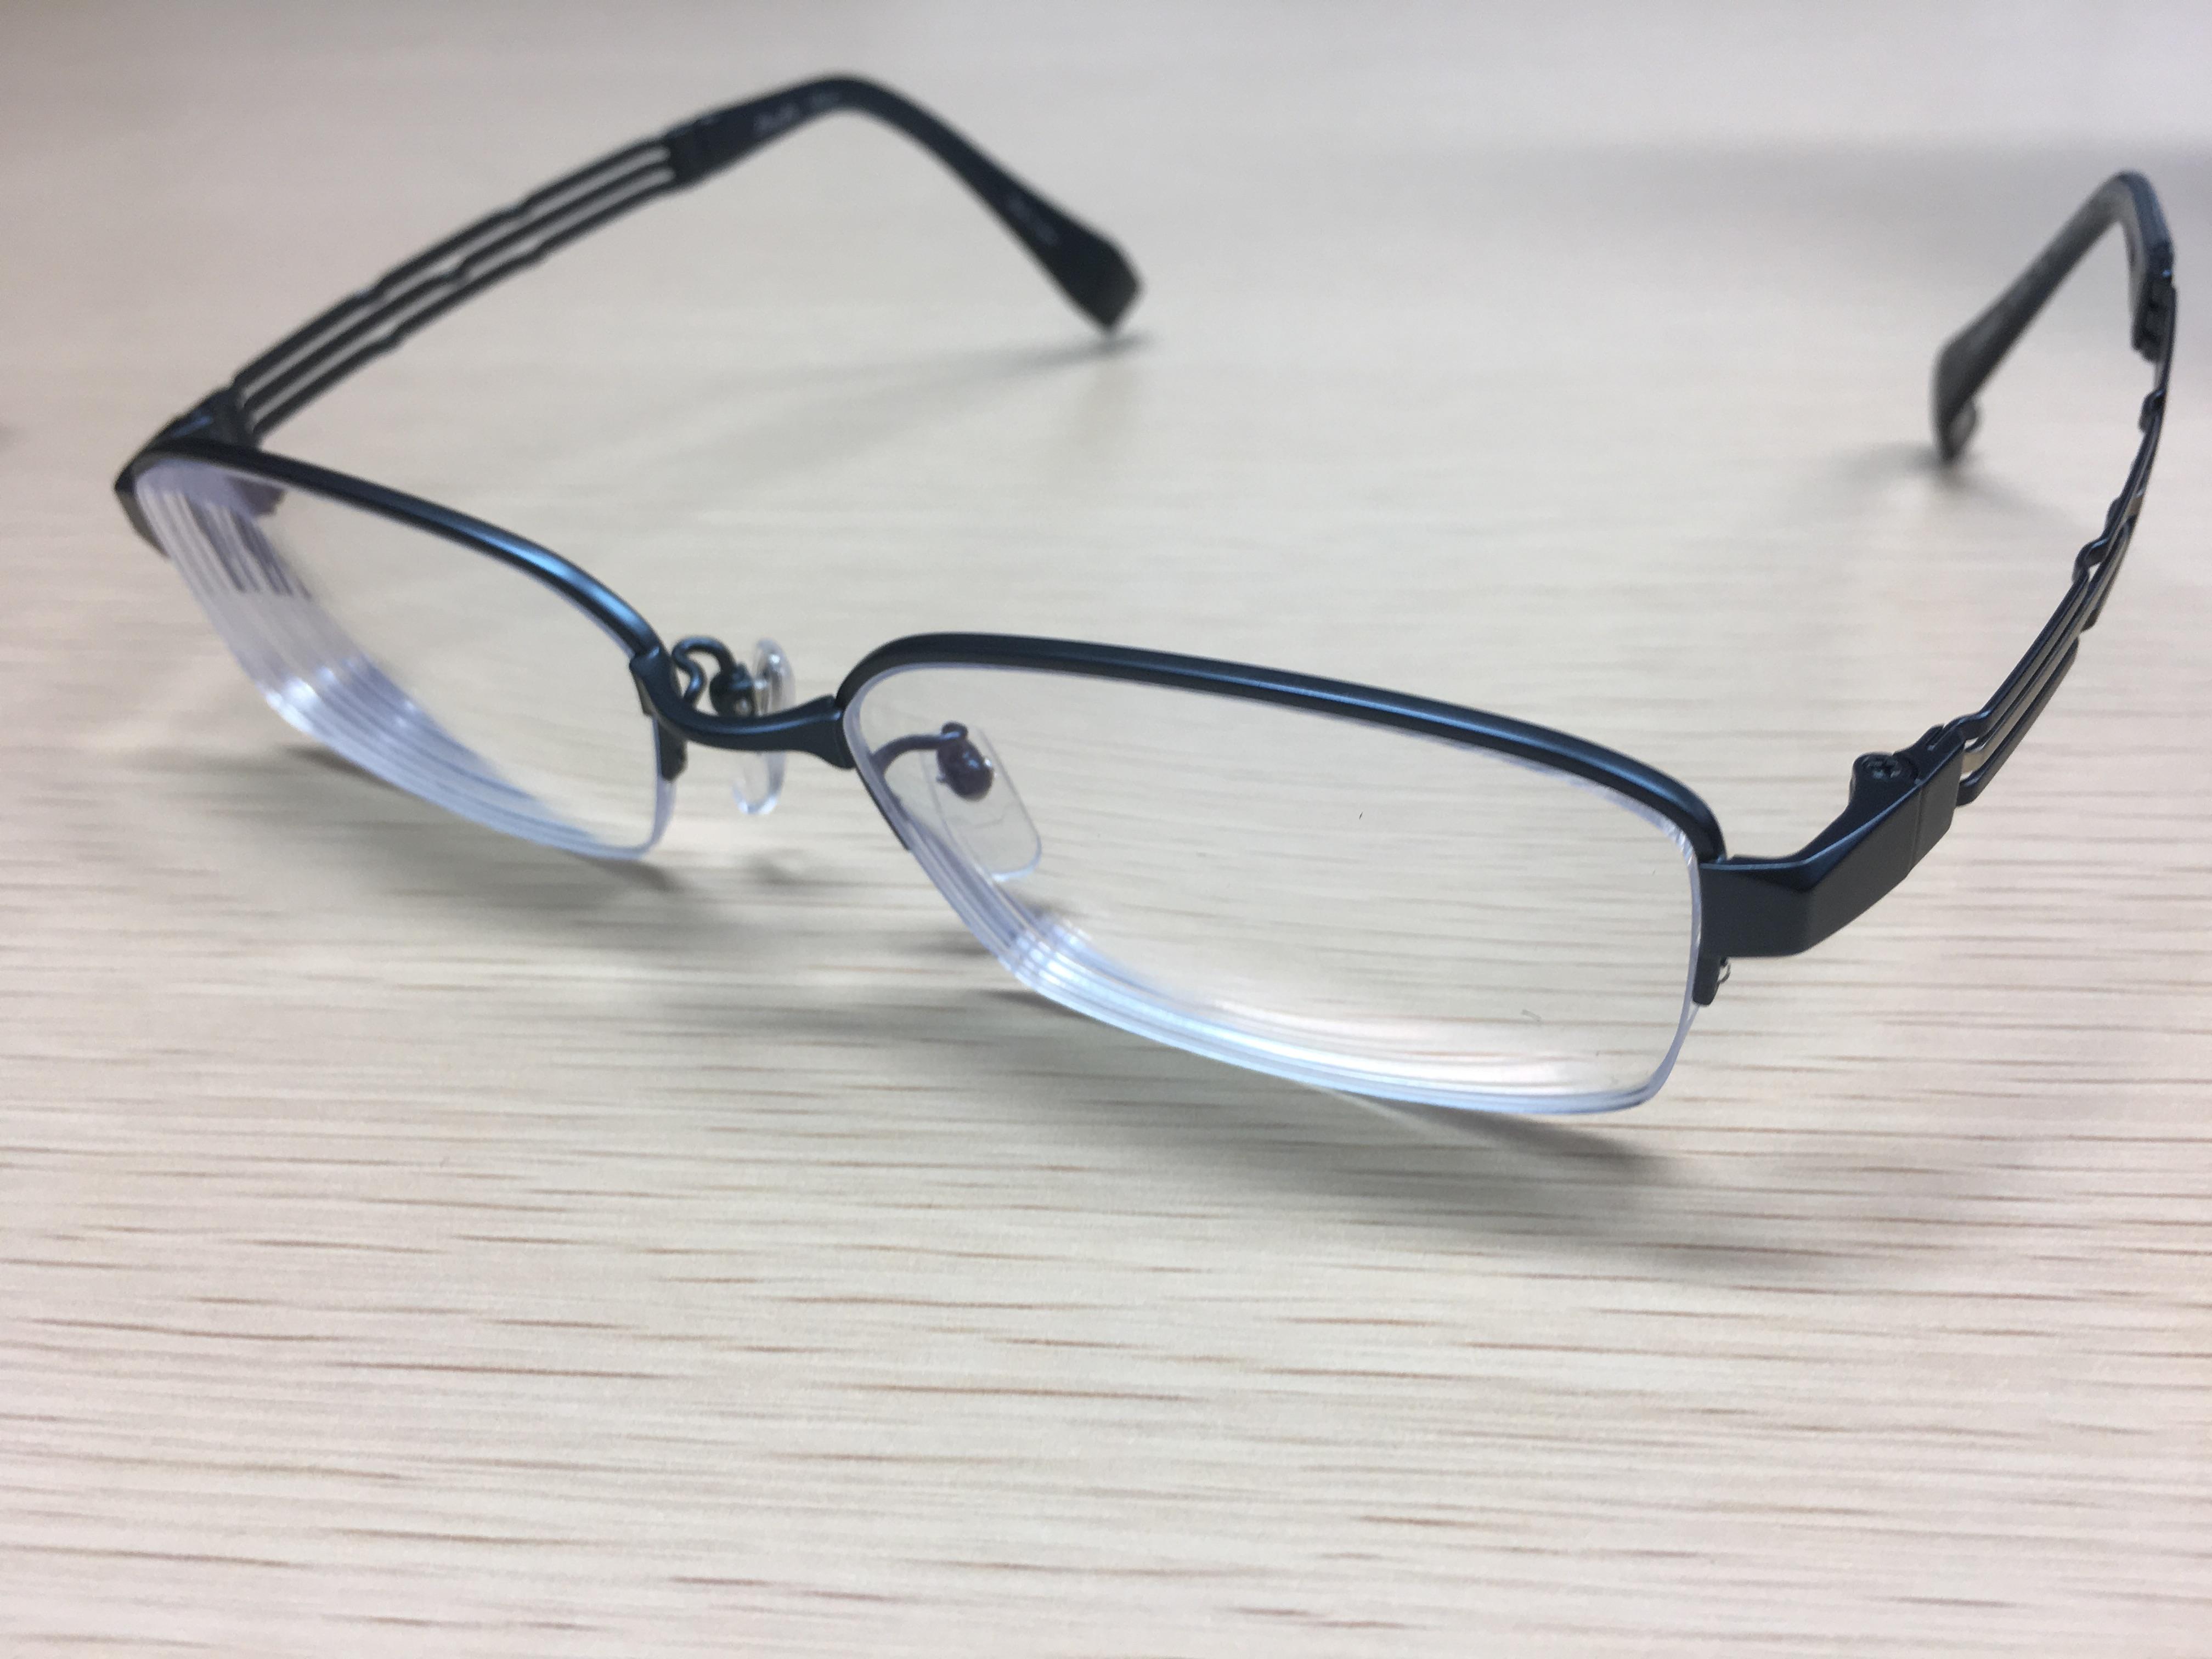 メガネをかけているのは僕だけじゃないよ。みんなメガネをかけているという事実に気づくところから始めよう。